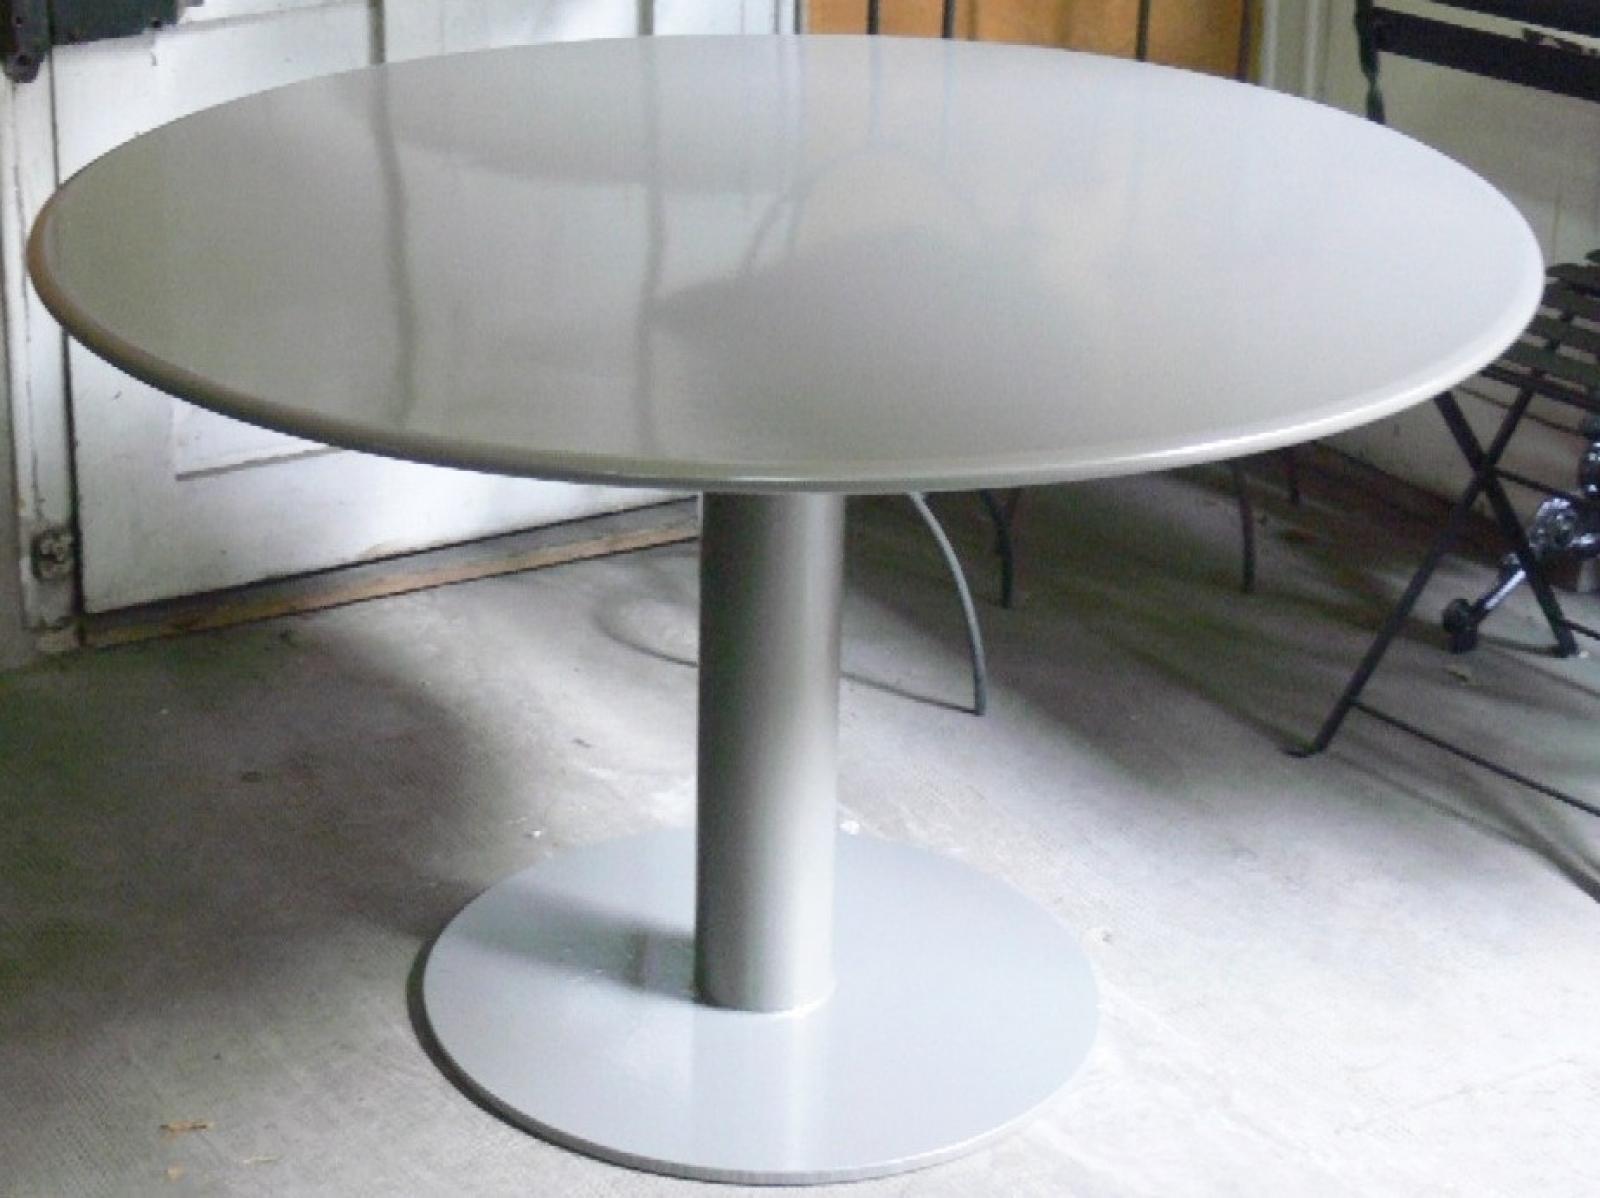 Mesa Disco giant con sobre de plancha de 120 cm pintado gris plata